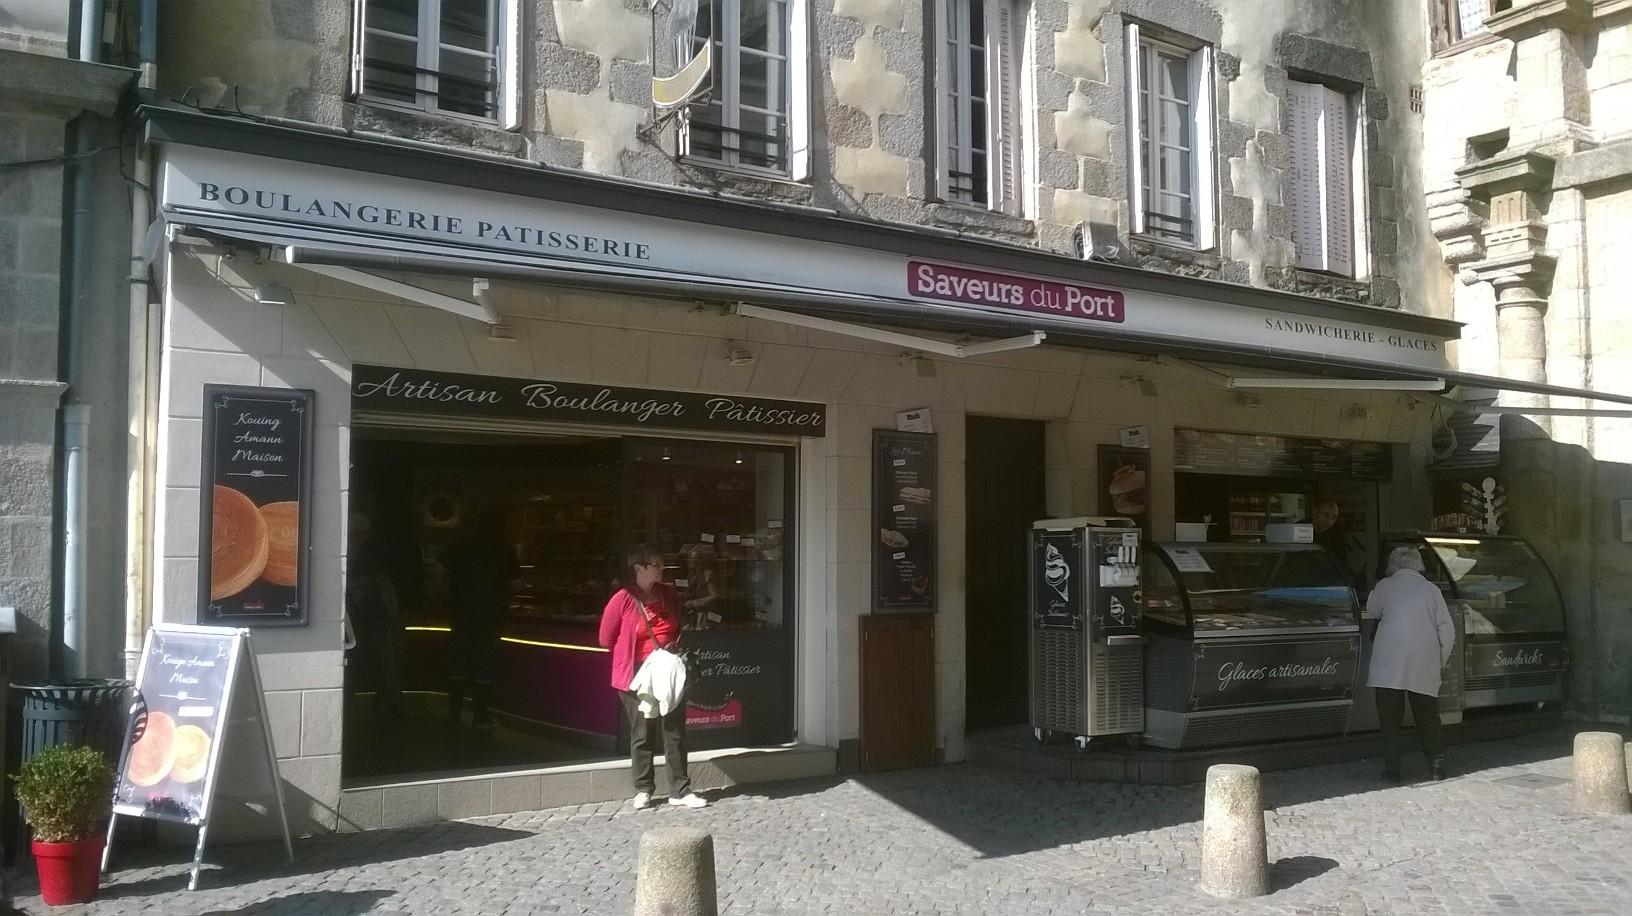 vannes-saveurs-du-port-bakery-porte-st-vincent-oct16